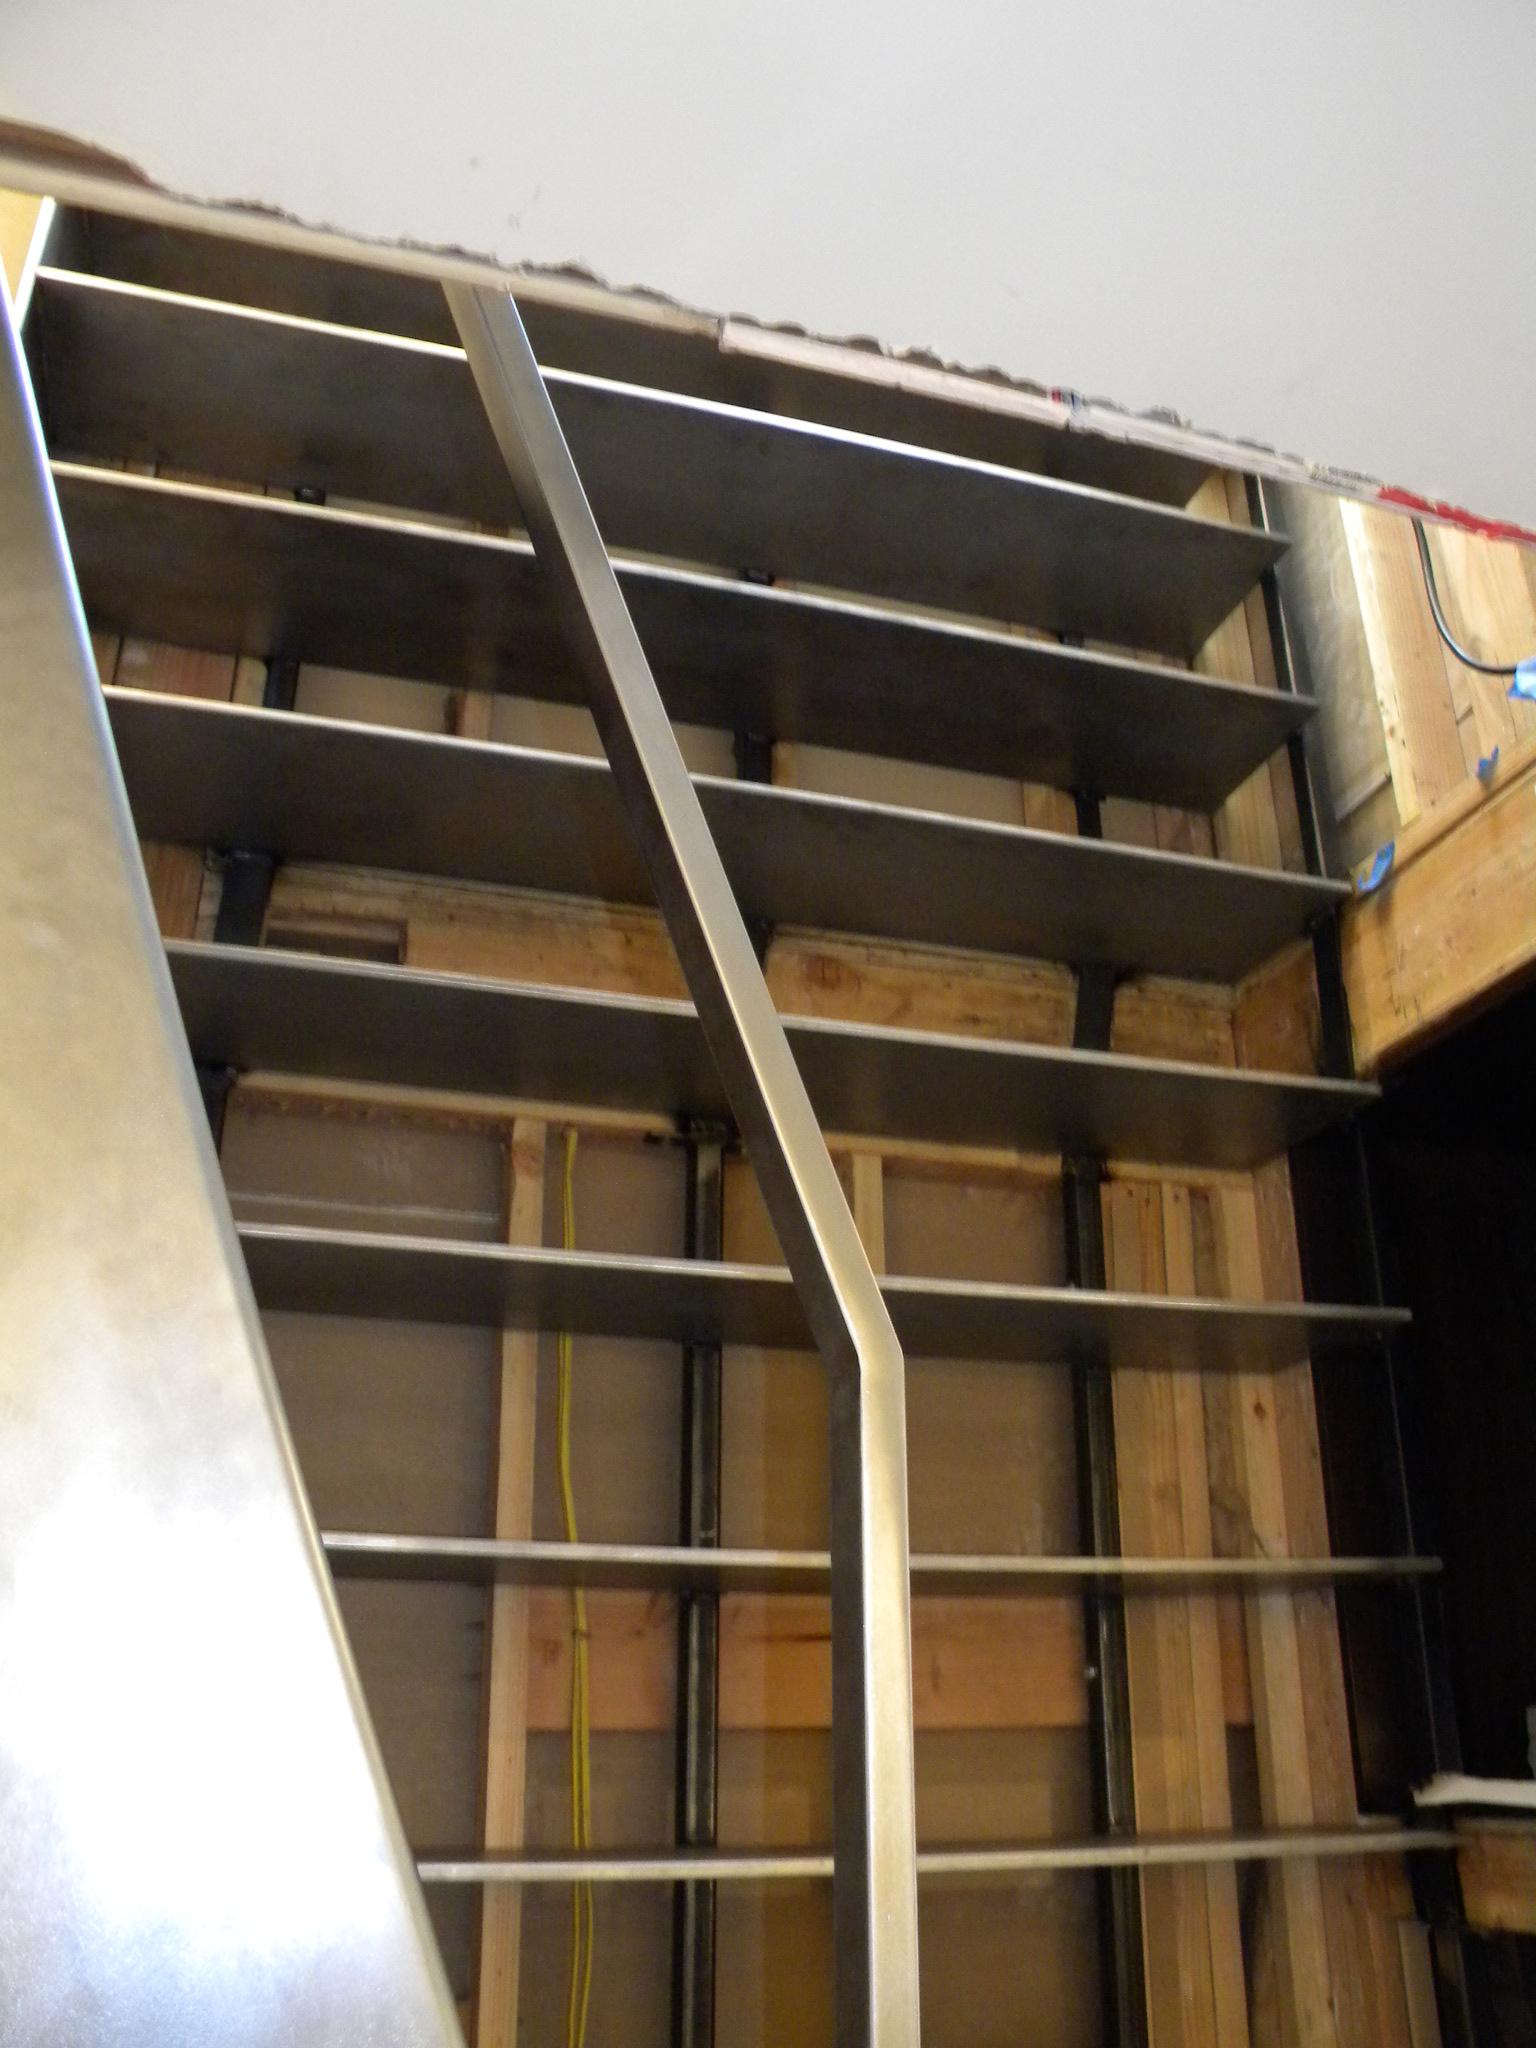 ladder-stairs-banister-DSCN7281.jpg